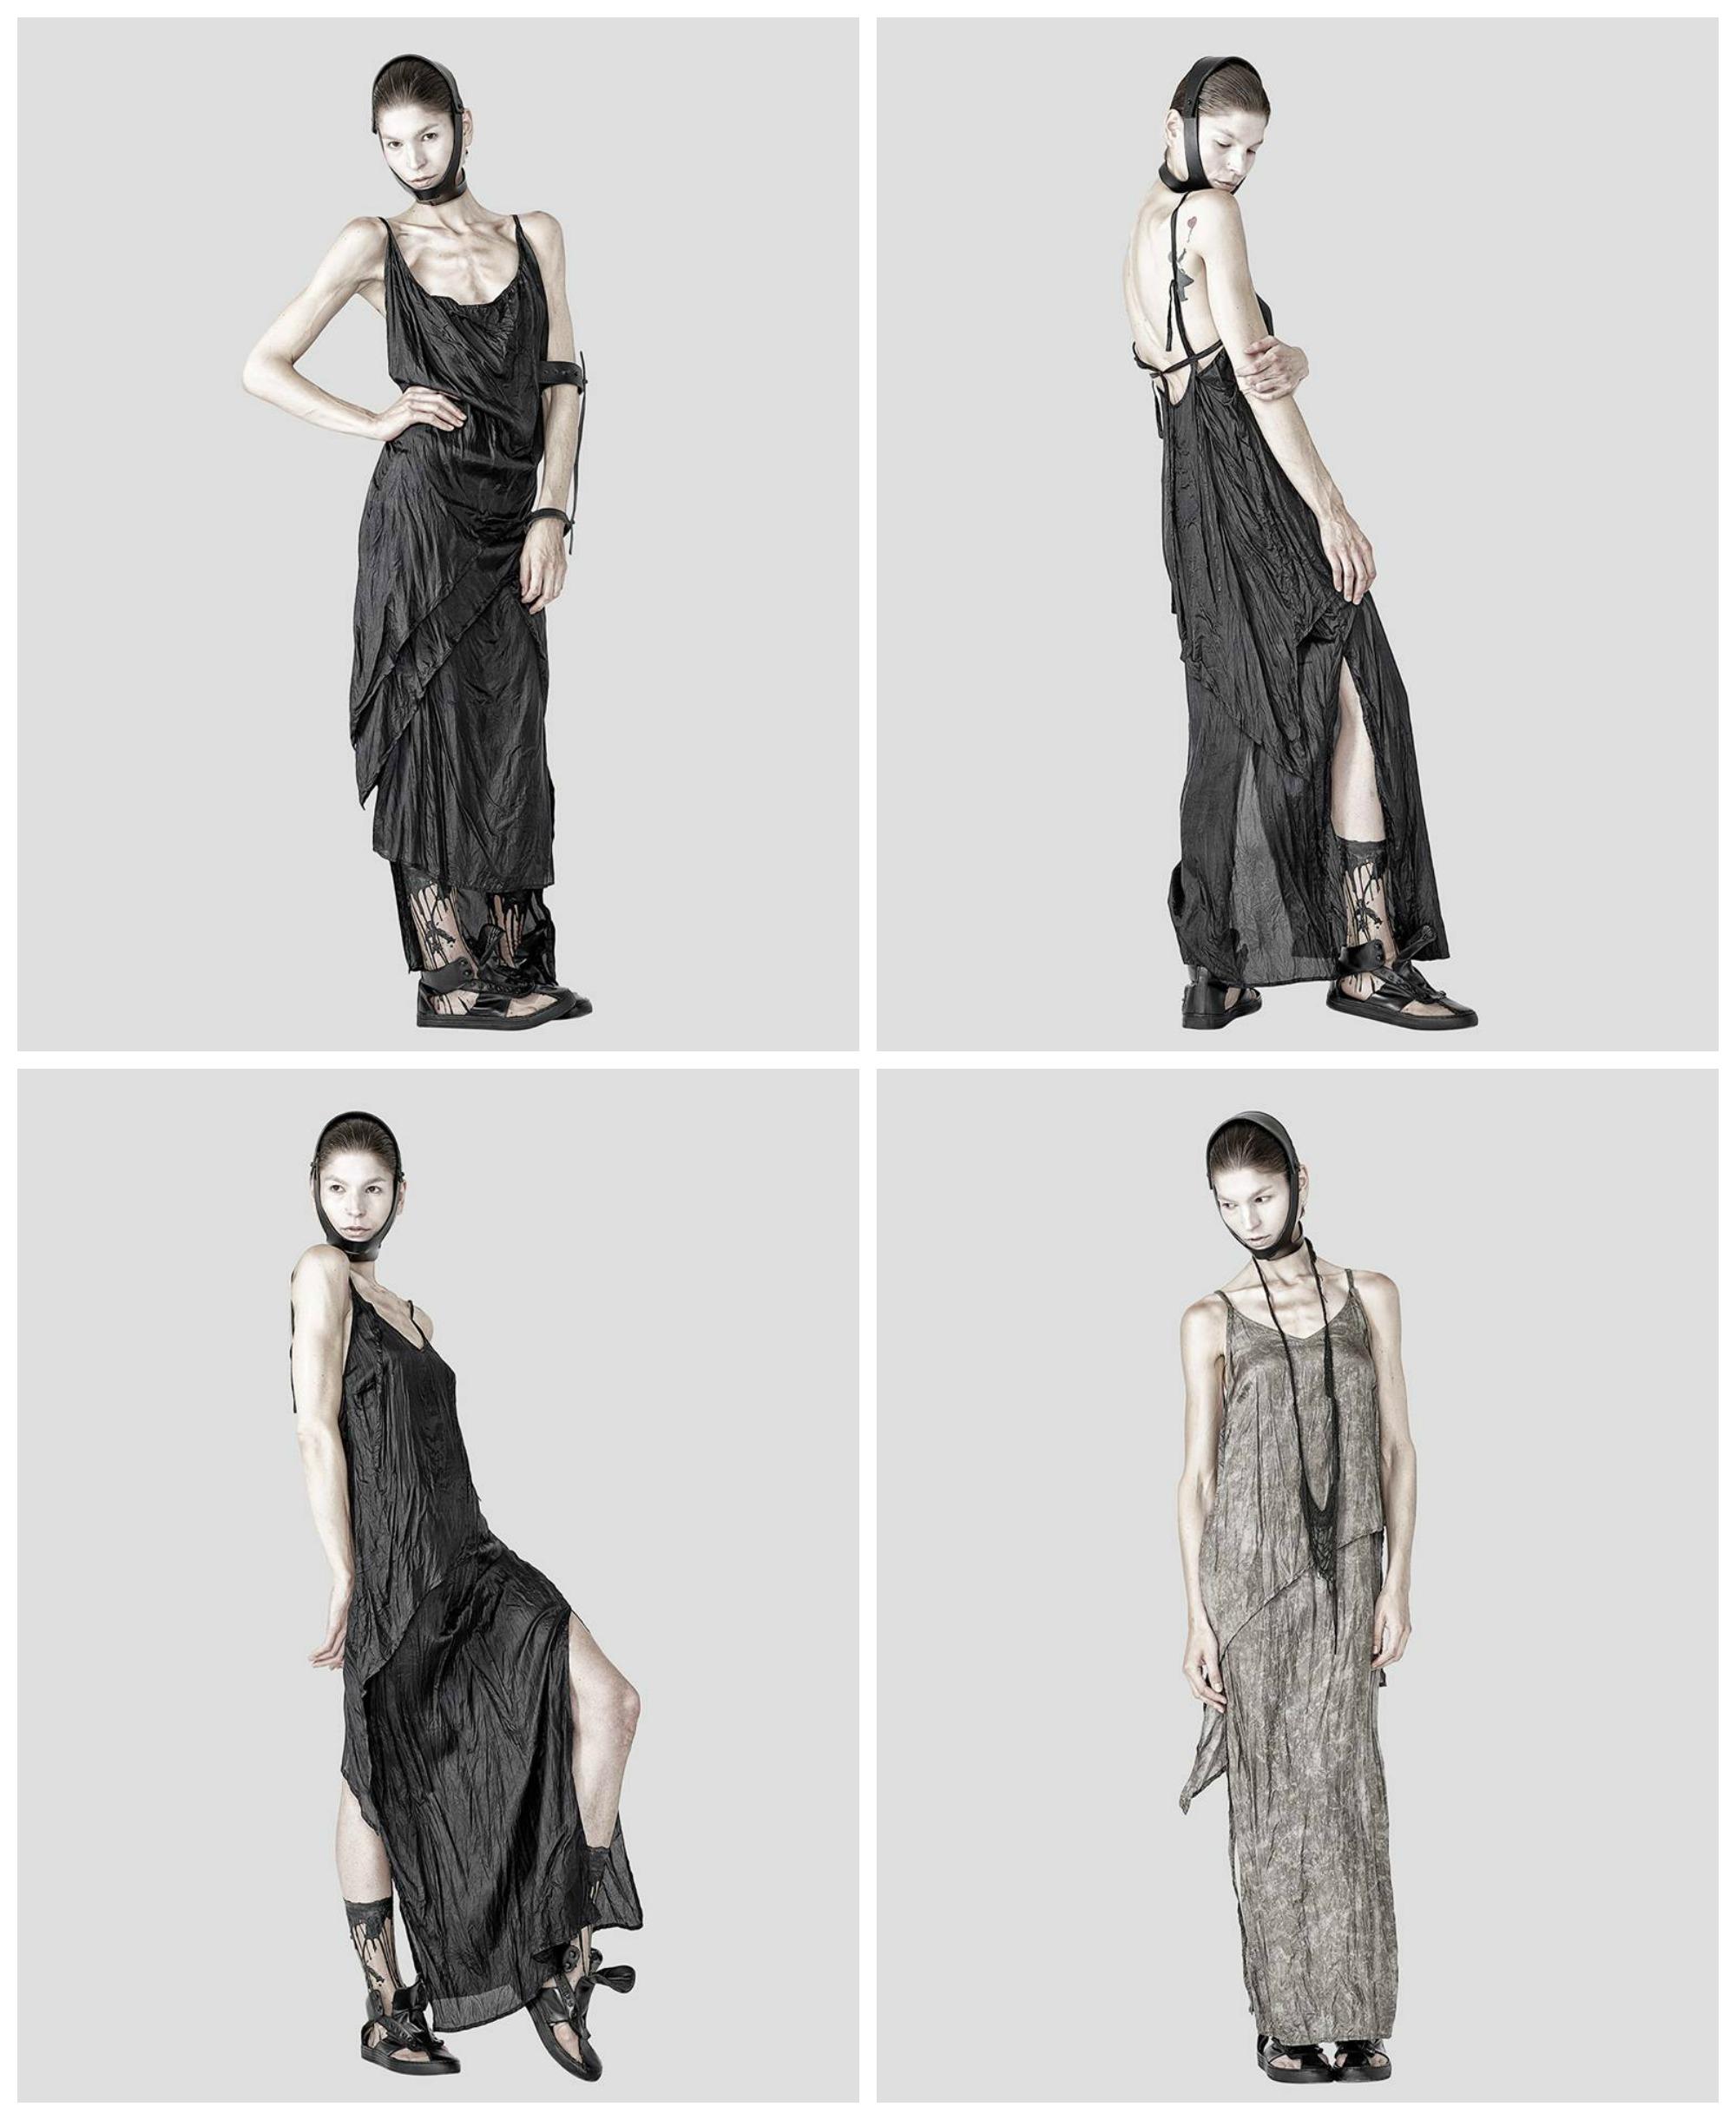 Nordic Design The Fashion Talk